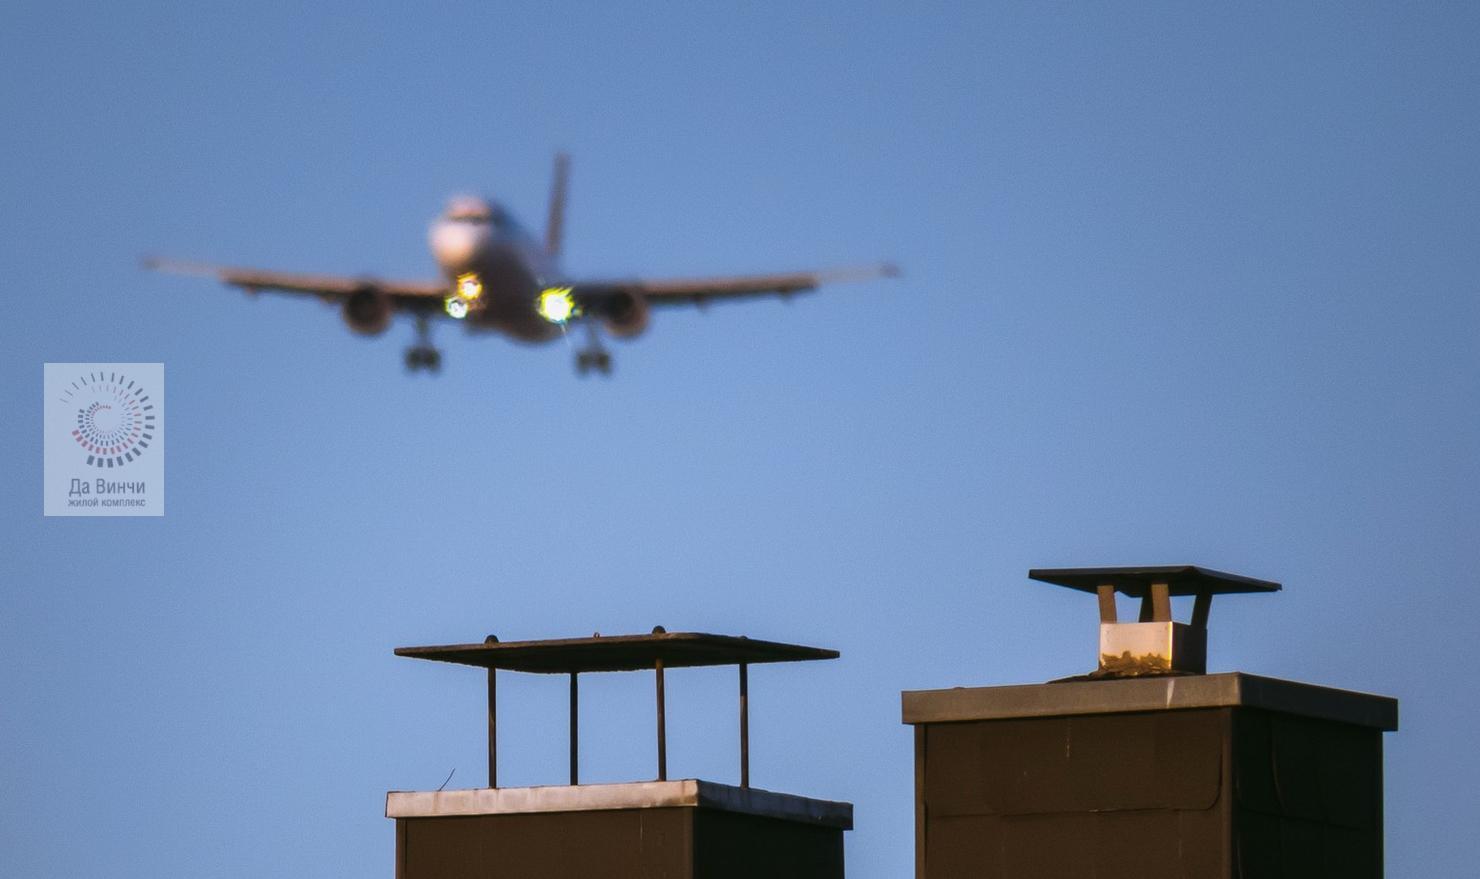 Самолет пролетает над домом